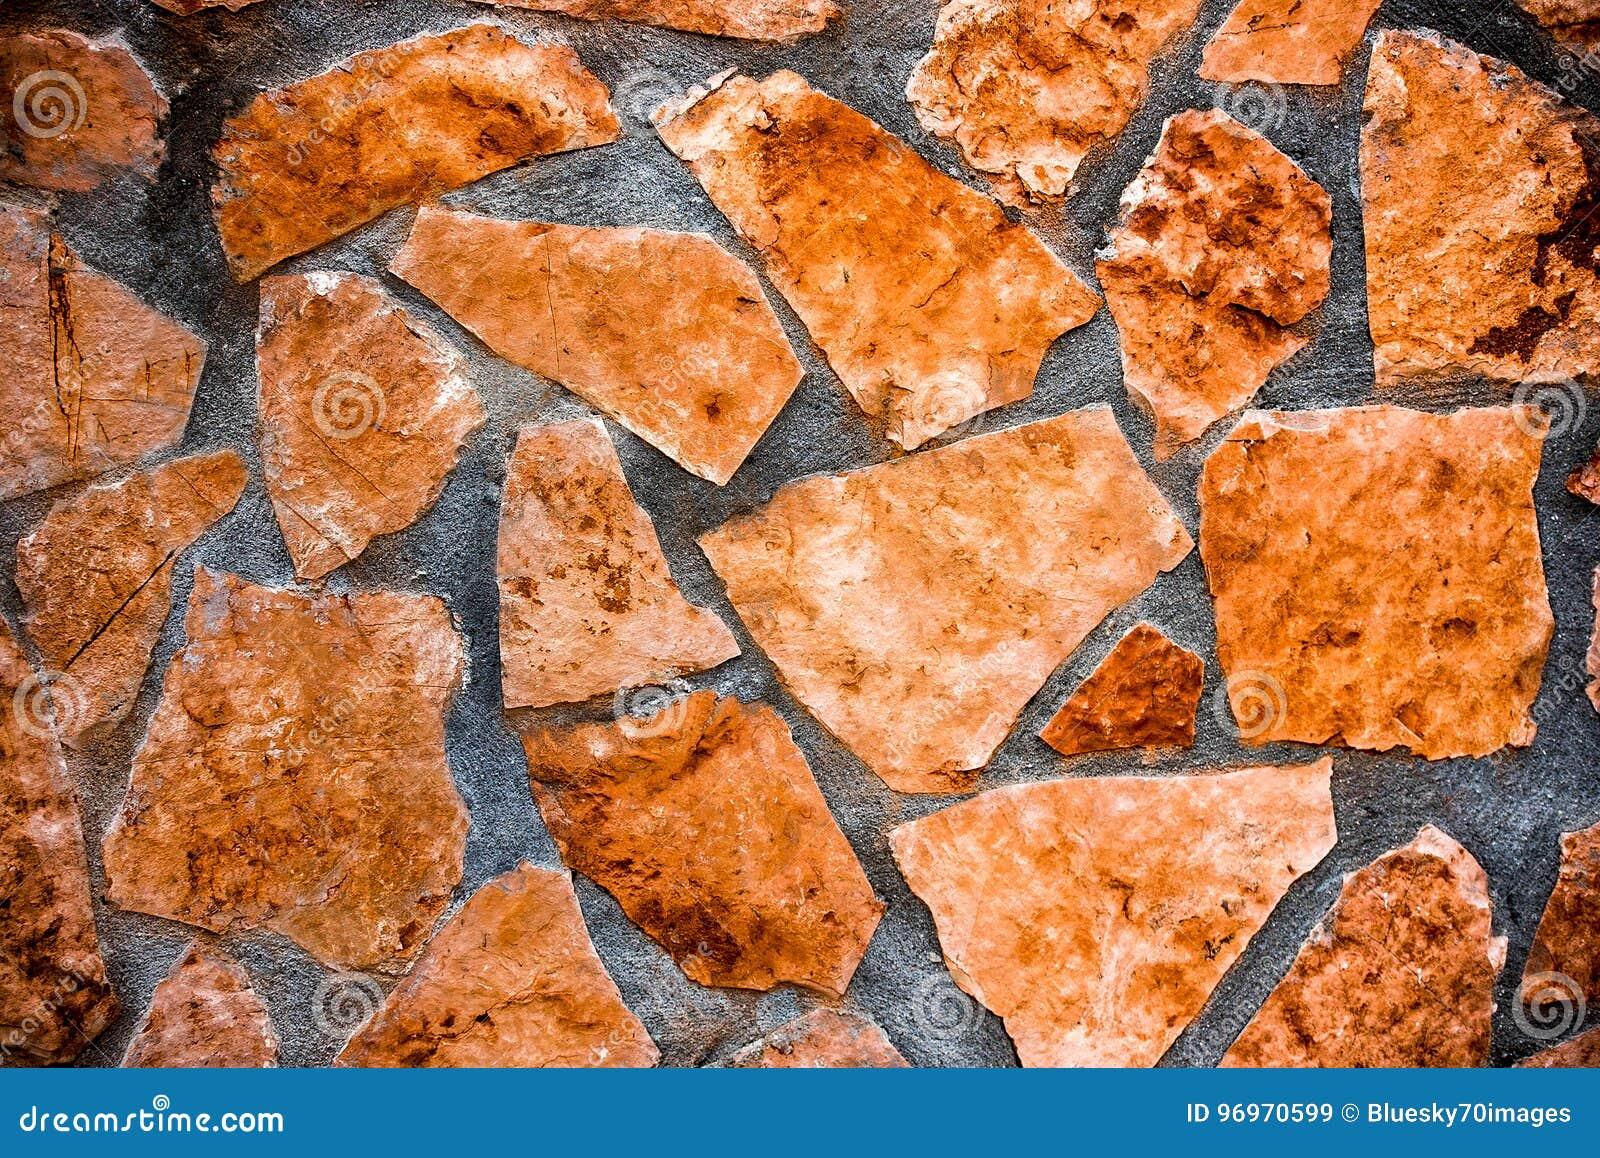 Pareti Colore Arancione : Struttura di pietra naturale della parete del modello di colore